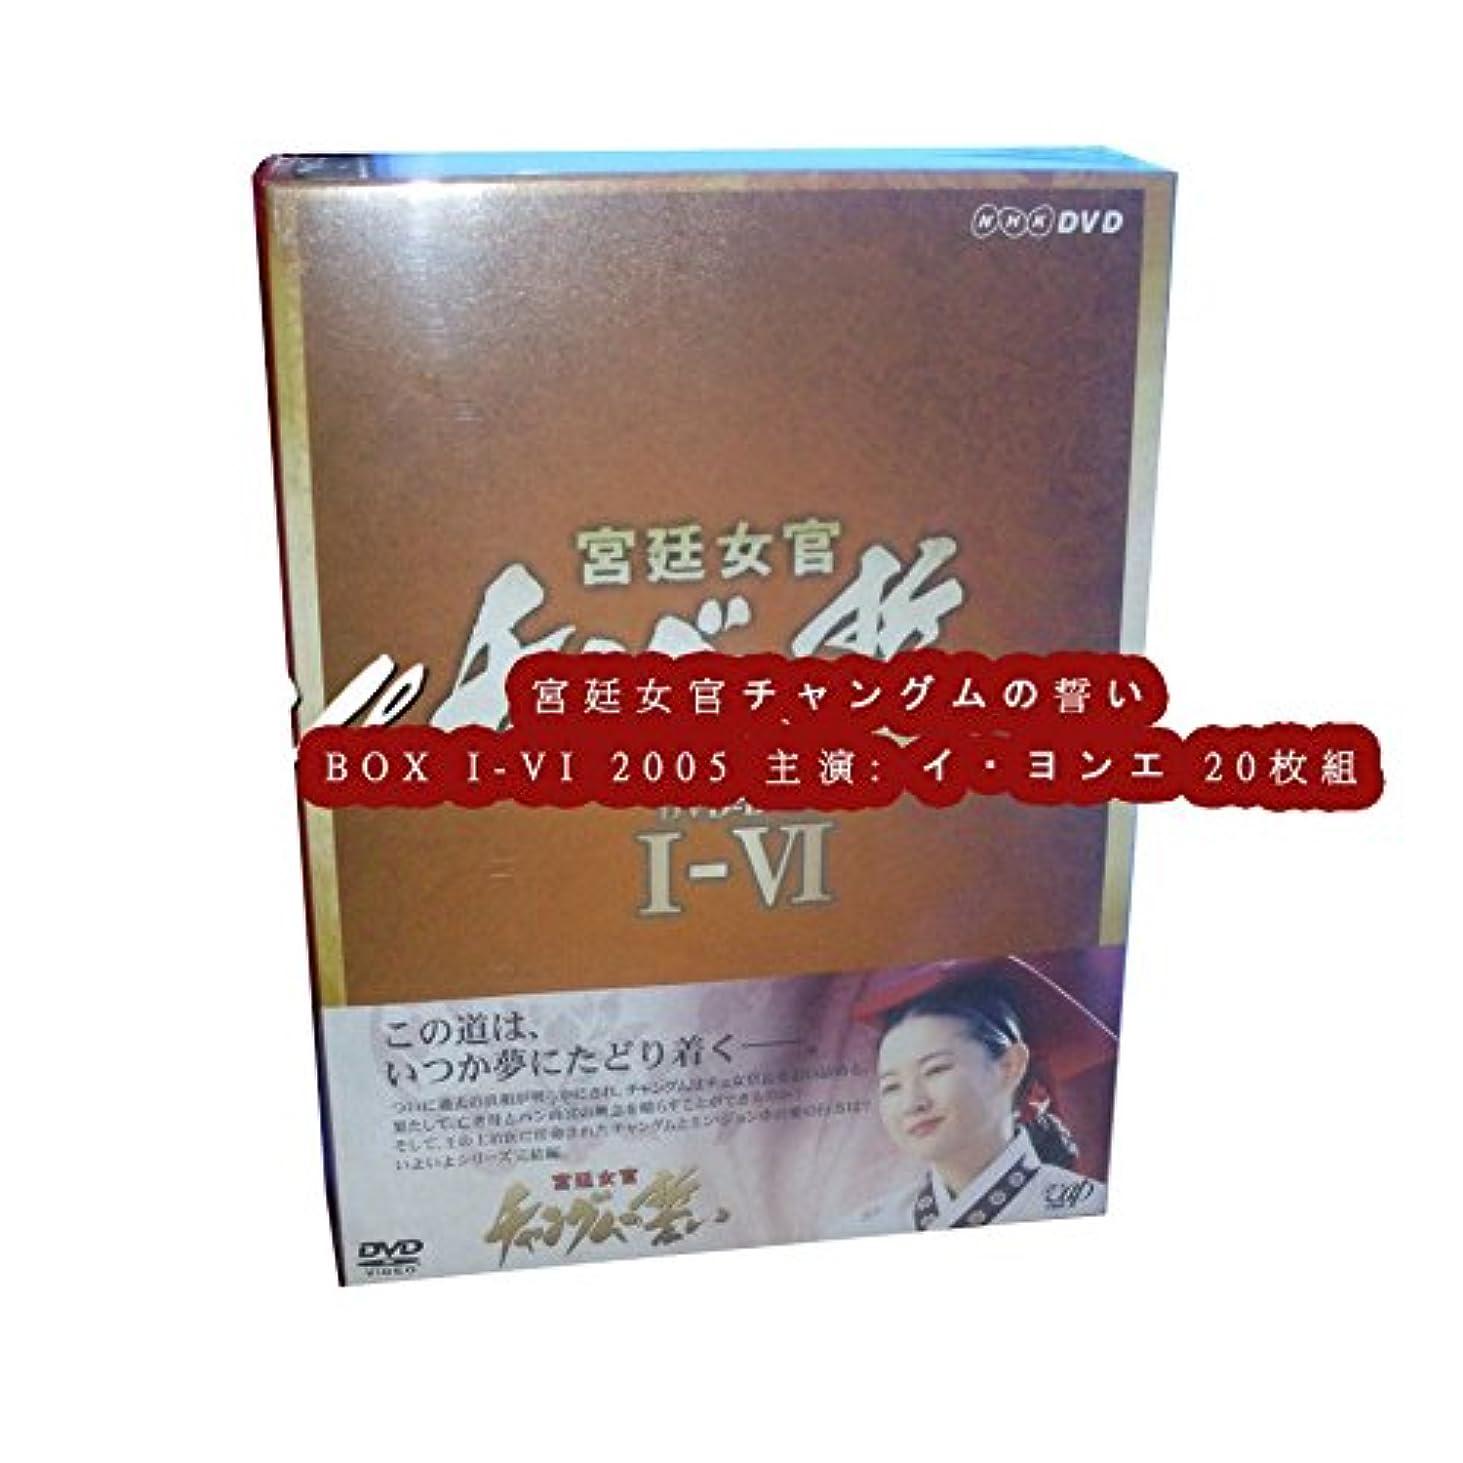 急勾配の選択するカーテン宮廷女官チャングムの誓い BOX I-VI 2005 主演: イ?ヨンエ